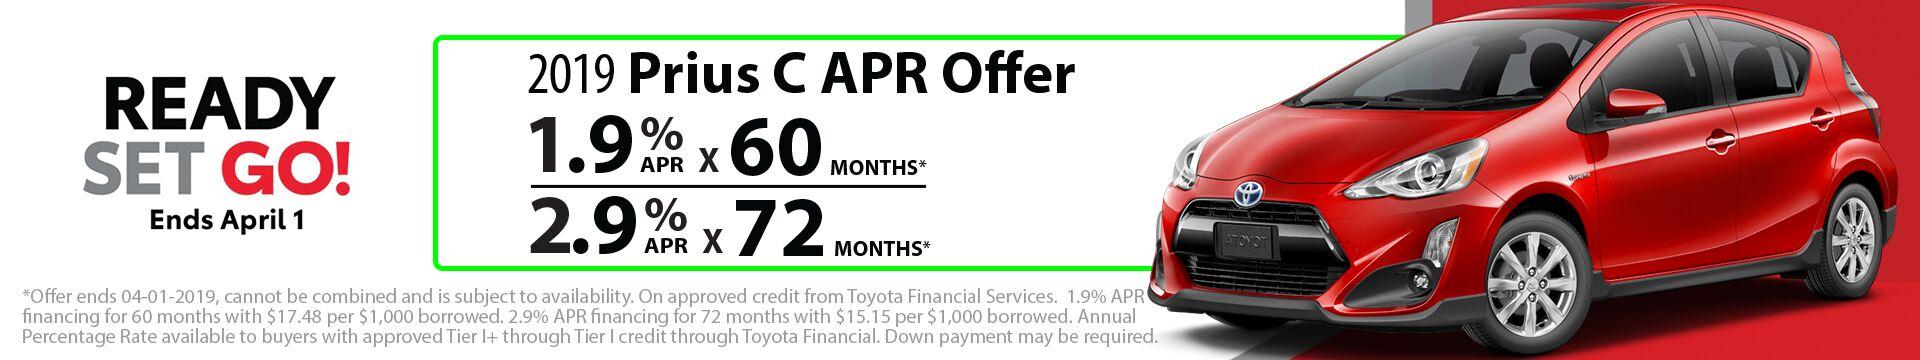 2019 Prius C APR